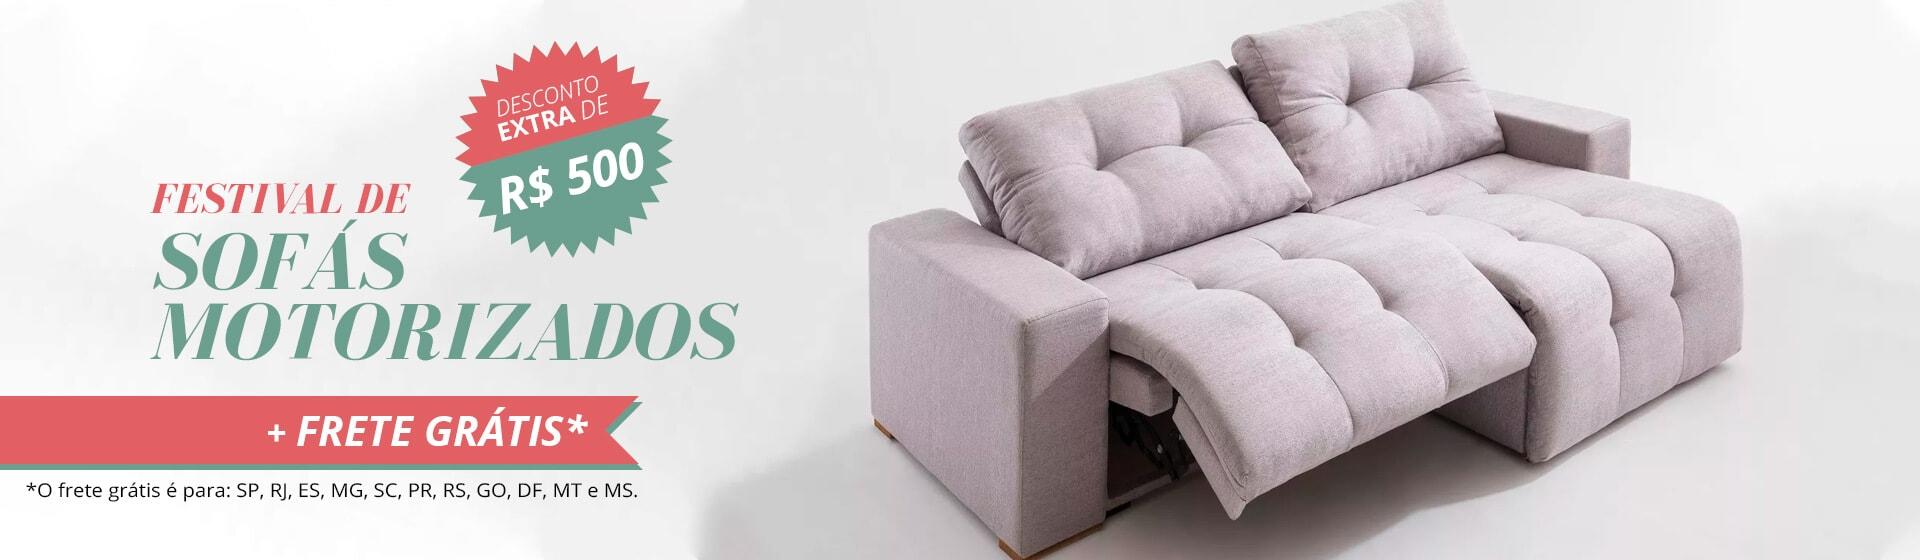 sofa motorizado - out/18